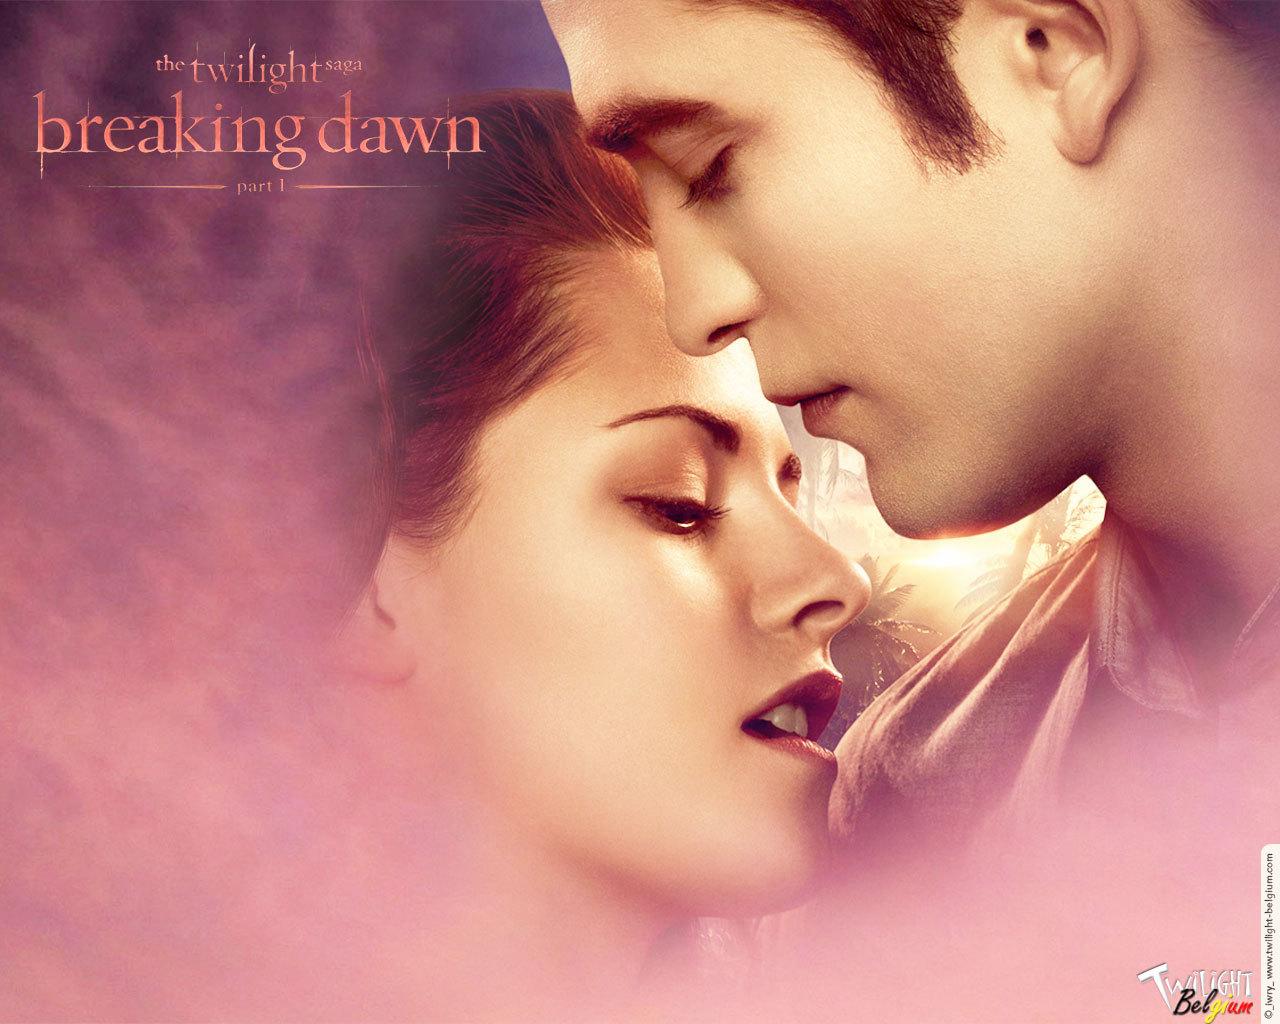 Image cullen family breaking dawn wallpaper twilight series - Bella Swanbella Swan Breaking Dawn Part 2 Wallpaper